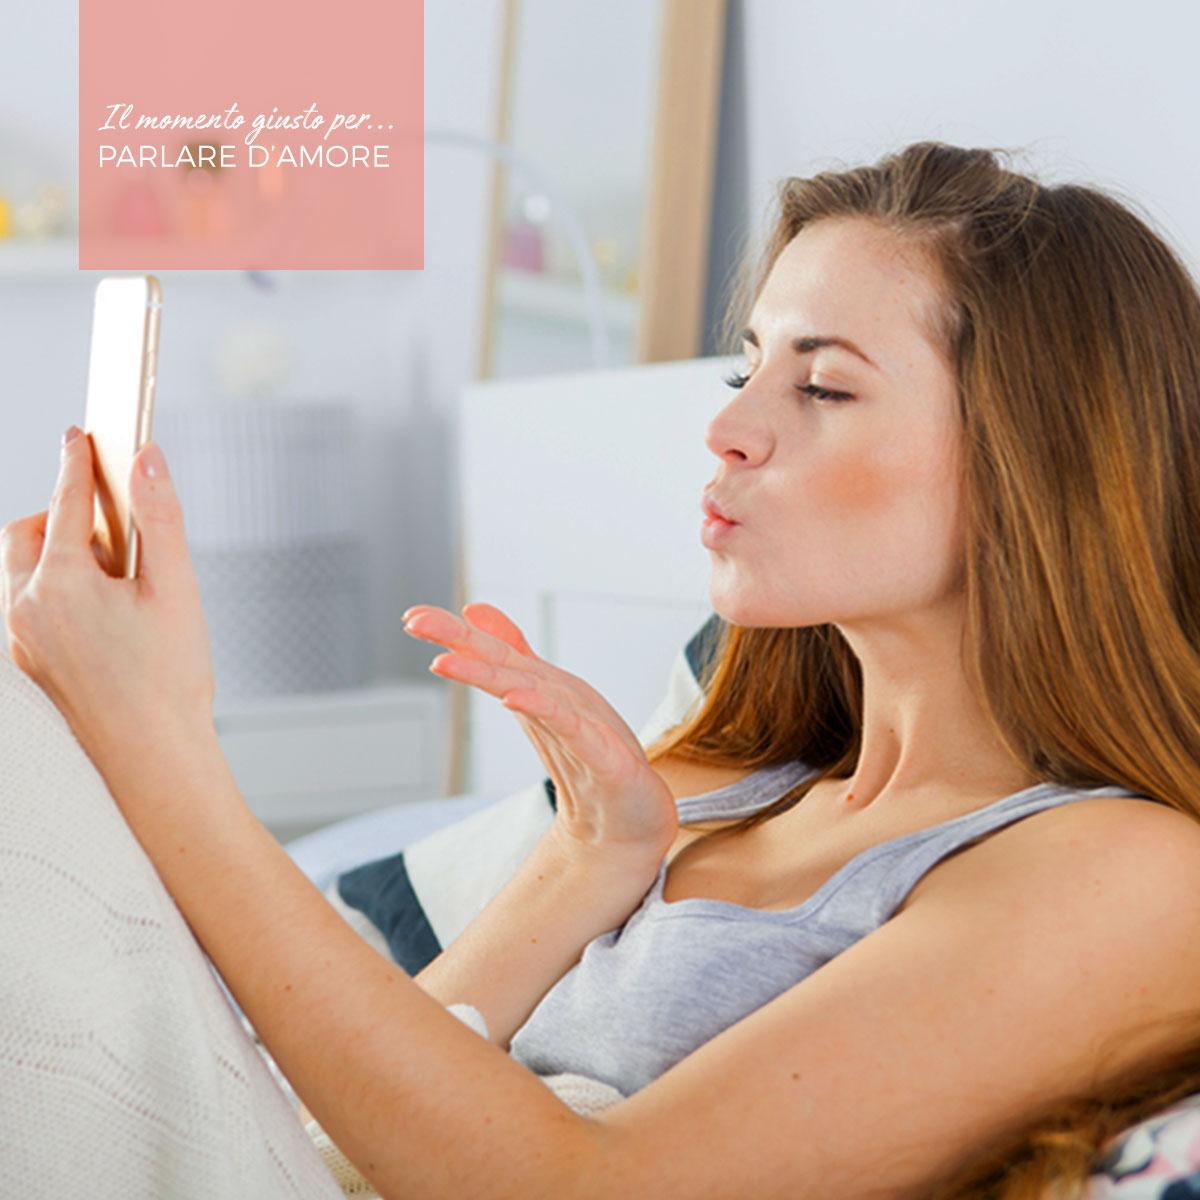 Una ragazza manda un bacio tramite videochiamata su smartphone